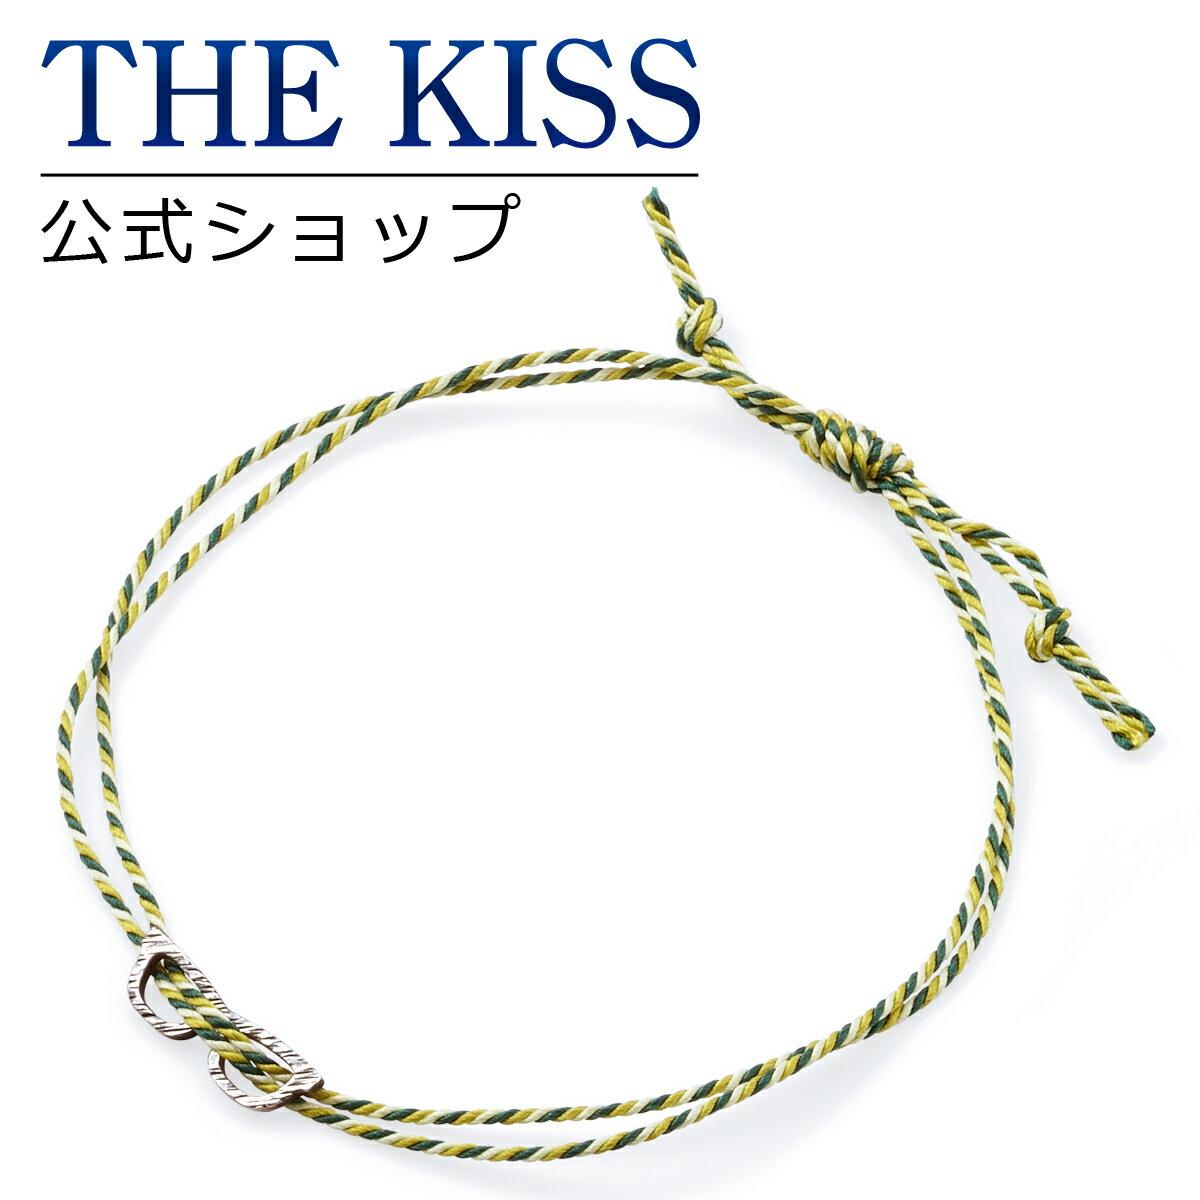 【あす楽対応】【送料無料】 TVアニメ「orange」 萩田 朔 カラーコードブレスレット ☆ THE KISS シルバー ブレスレット 腕輪 ブランド SILVER Bracelet